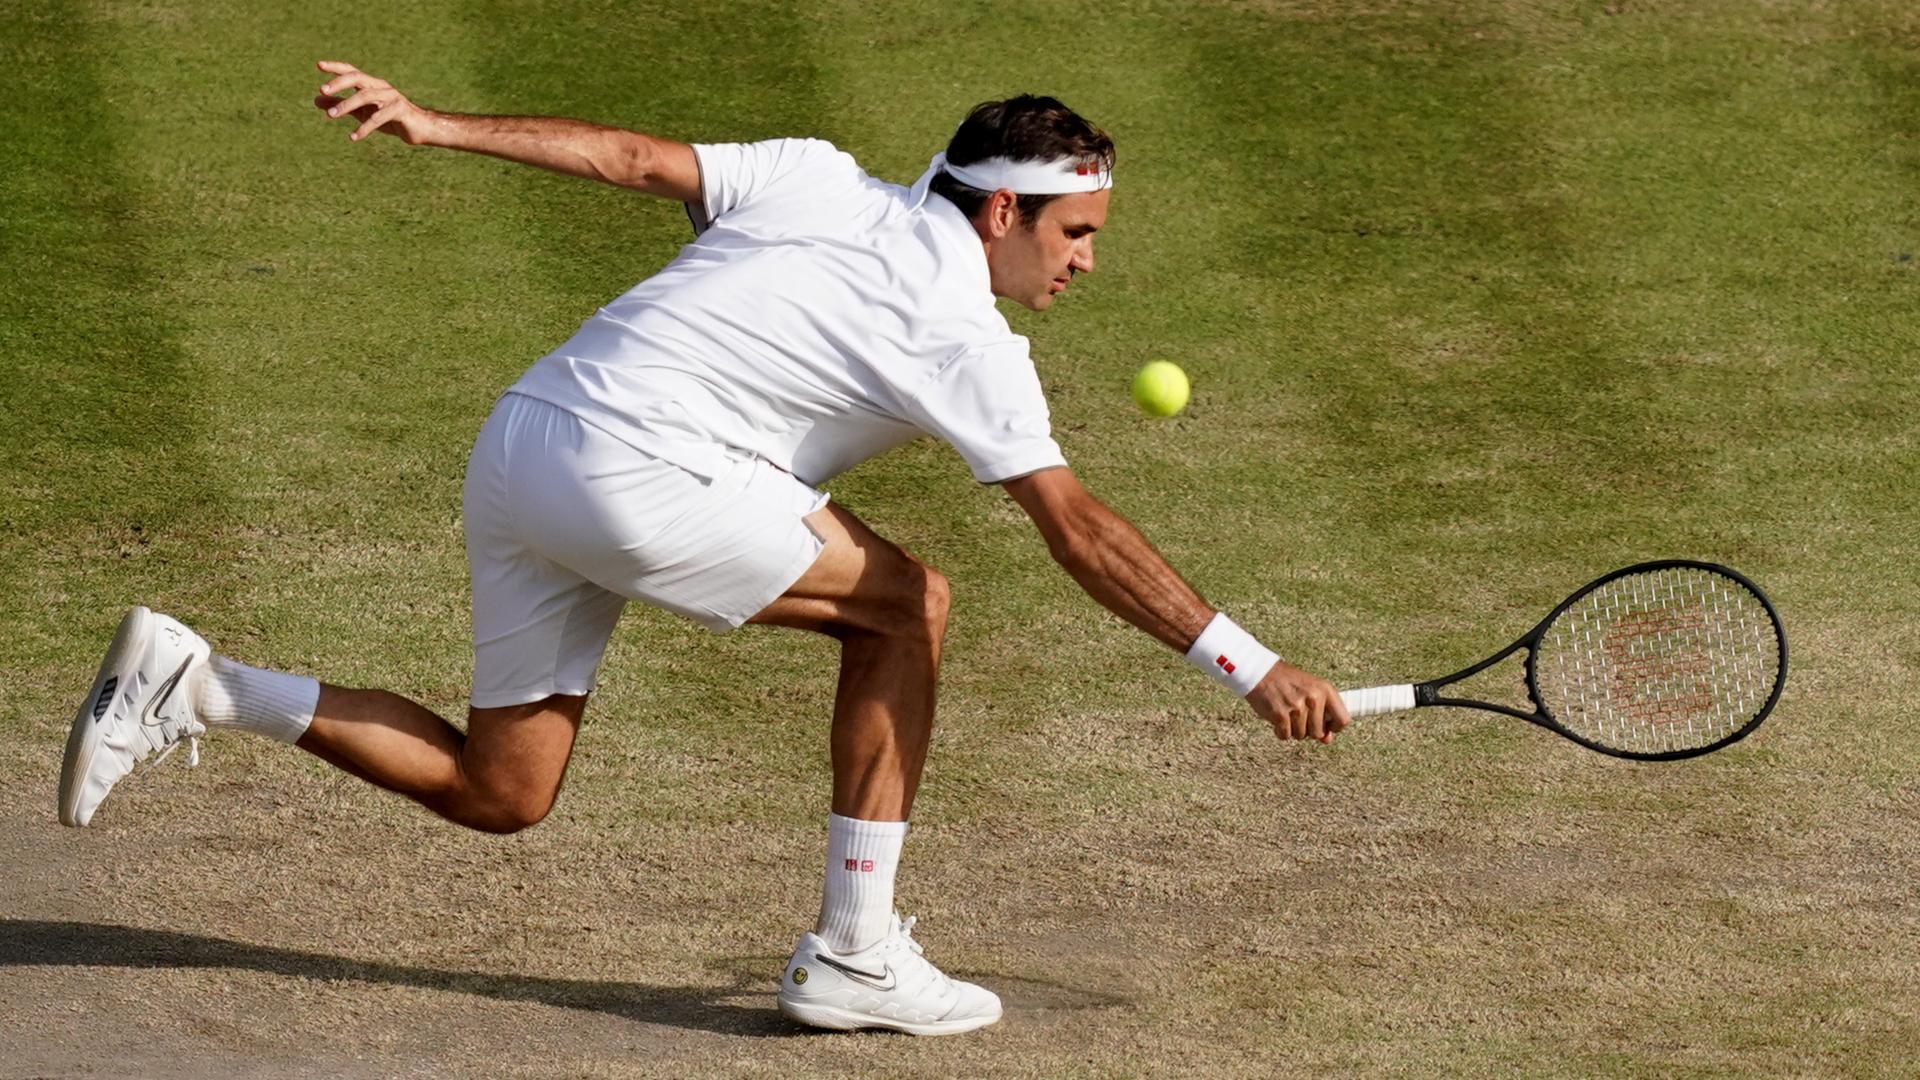 ONLY GER Roger Federer vs. Novak Djokovic Wimbledon 140720219